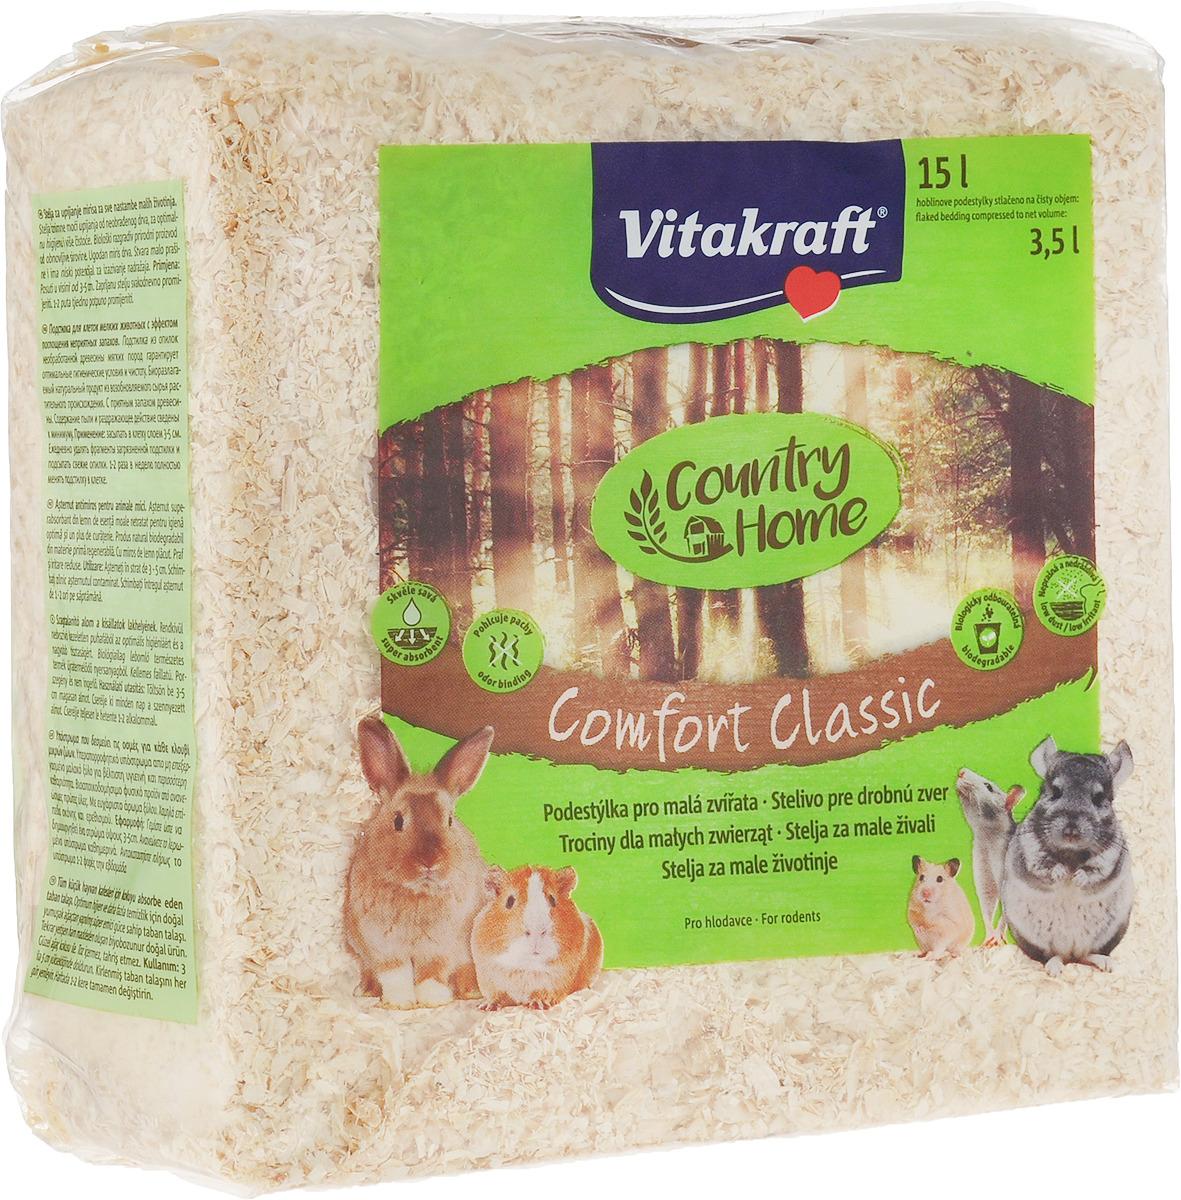 Опилки для грызунов Vitakraft Comfort Classic, 15 л опилки для животных найси 15 л